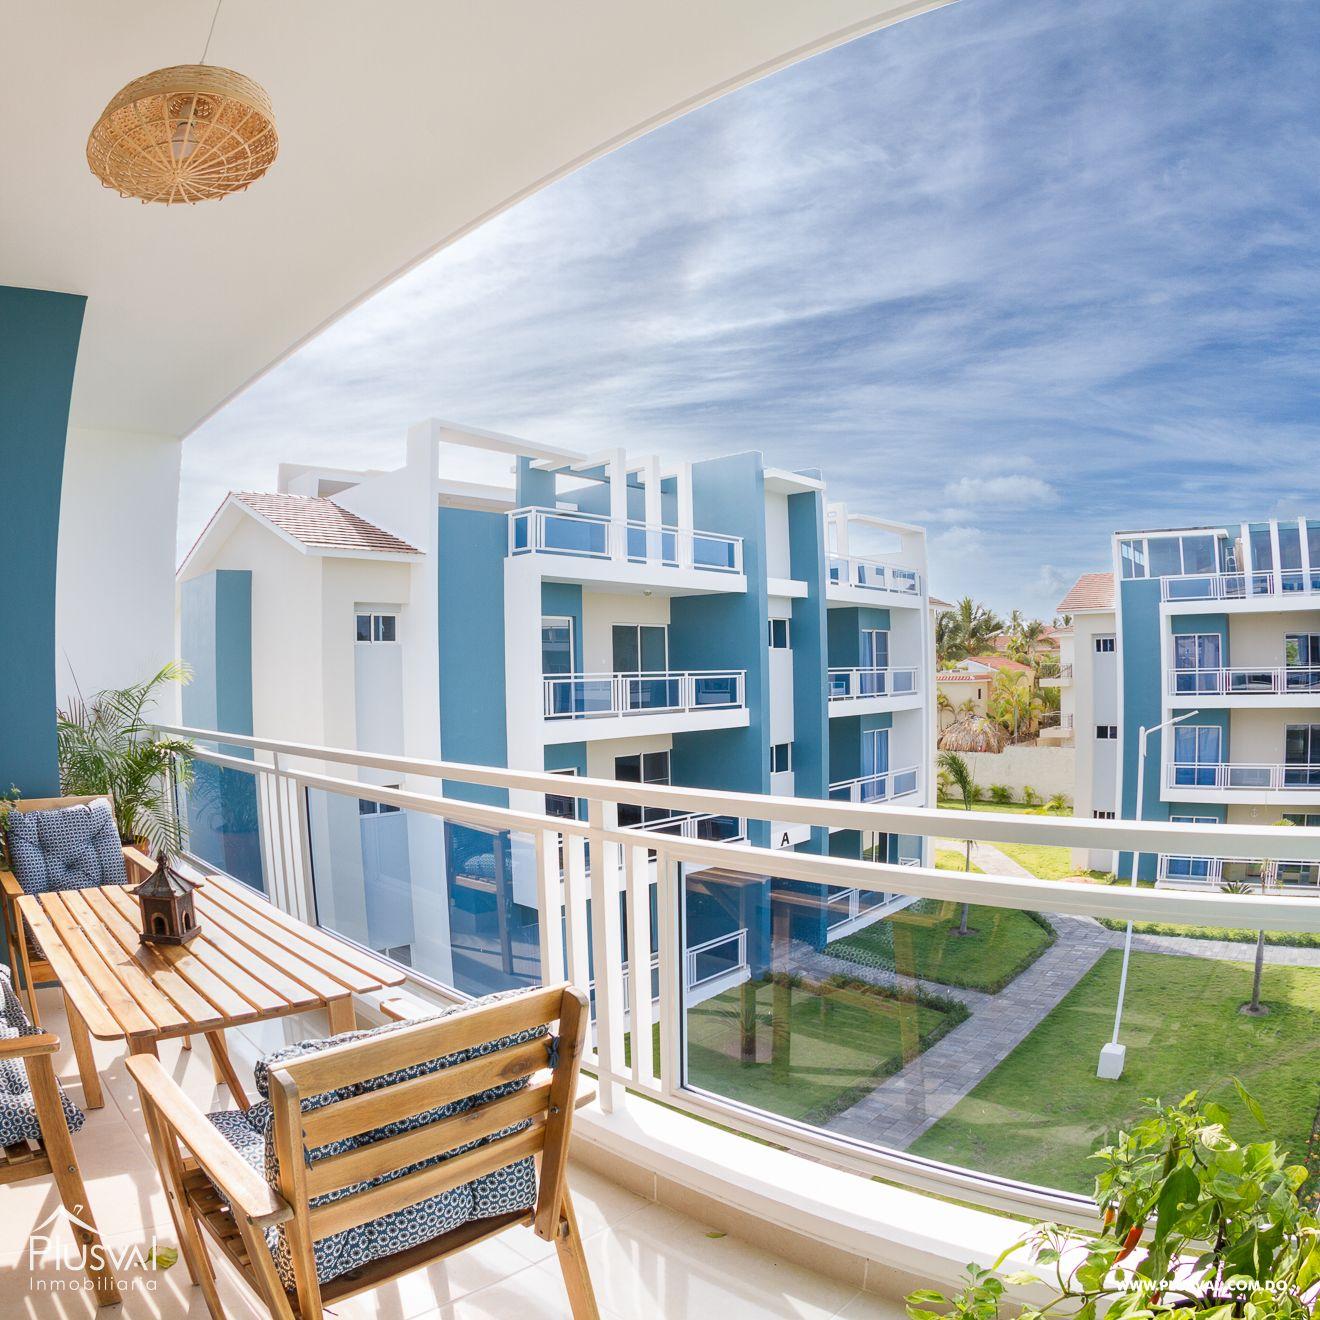 Apartamento Totalmente equipado en Venta en Complejo Turistico de 2 Habitaciones.